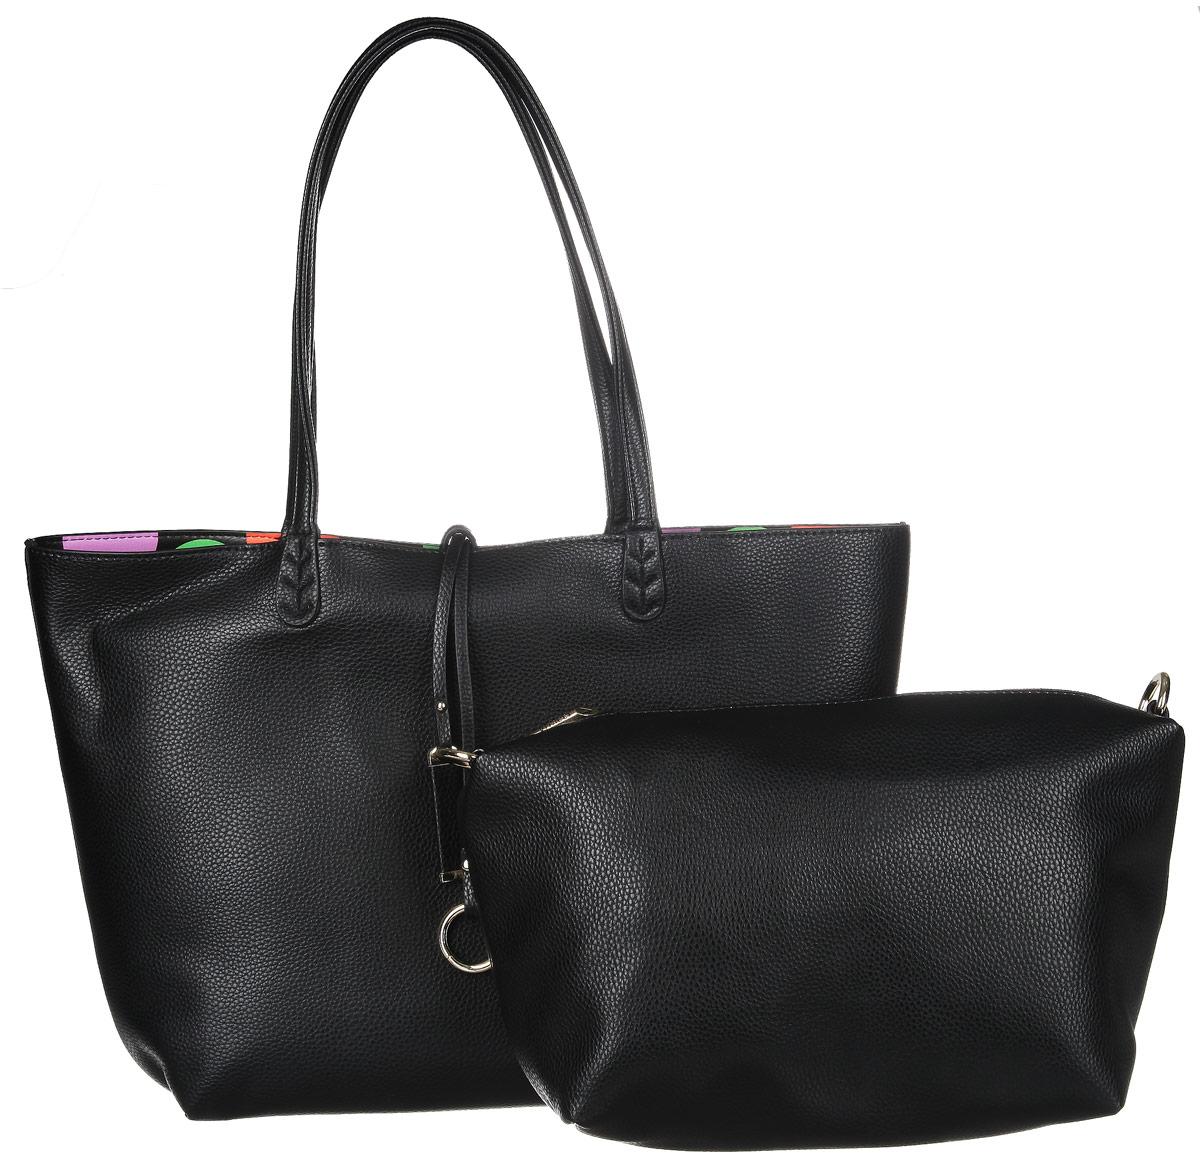 Сумка женская Vitacci, цвет: черный. 63526-1363526-13Изысканная женская сумка Vitacci выполнена из качественной искусственной кожи, оформлена декоративным хлястиком с металлическими подвесками. Удобные ручки крепятся к корпусу сумки. Внутри сумка оснащена съемным отделением с текстильной подкладкой, выполненным из искусственной кожи черного цвета, внутри которого содержится два накладных кармана для телефона и мелких принадлежностей, а также врезной карман на молнии. Съемное отделение имеет металлические крепежи для плечевого ремешка, поэтому его можно использовать как отдельный аксессуар. Комплект оснащен съемным плечевым ремнем регулируемой длины, которые позволят носить изделие как в руках так и на плече. Практичная и стильная сумка прекрасно завершит ваш образ.